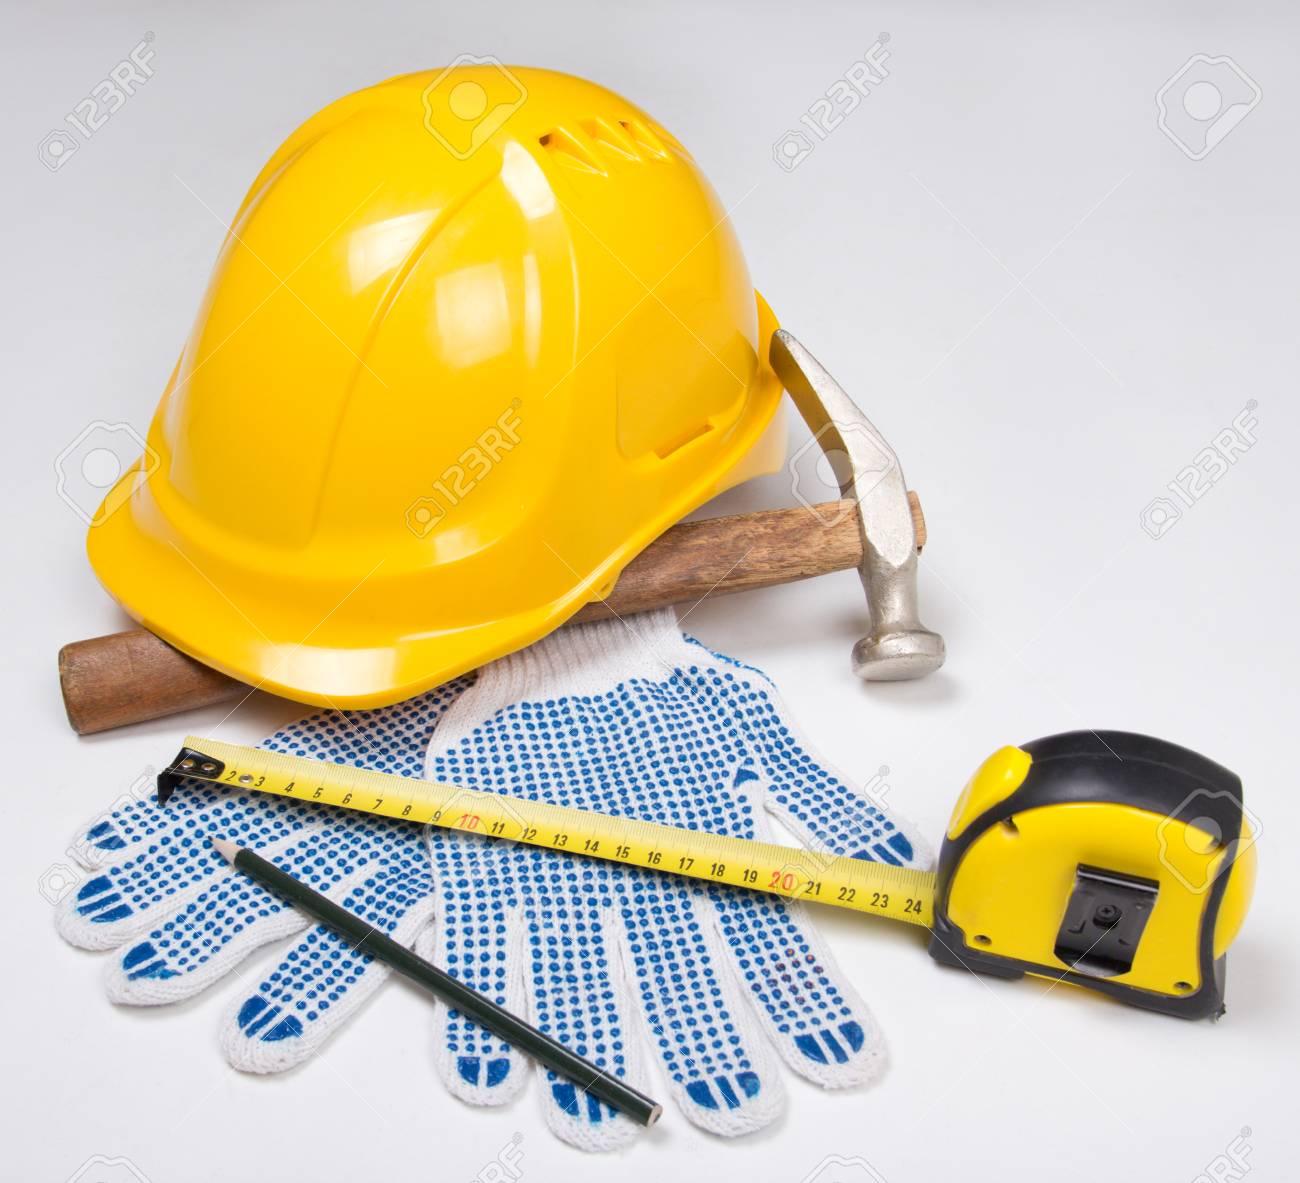 3963da8f2 Herramientas del constructor - casco amarillo, guantes de trabajo,  martillo, lápiz y cinta métrica sobre fondo blanco